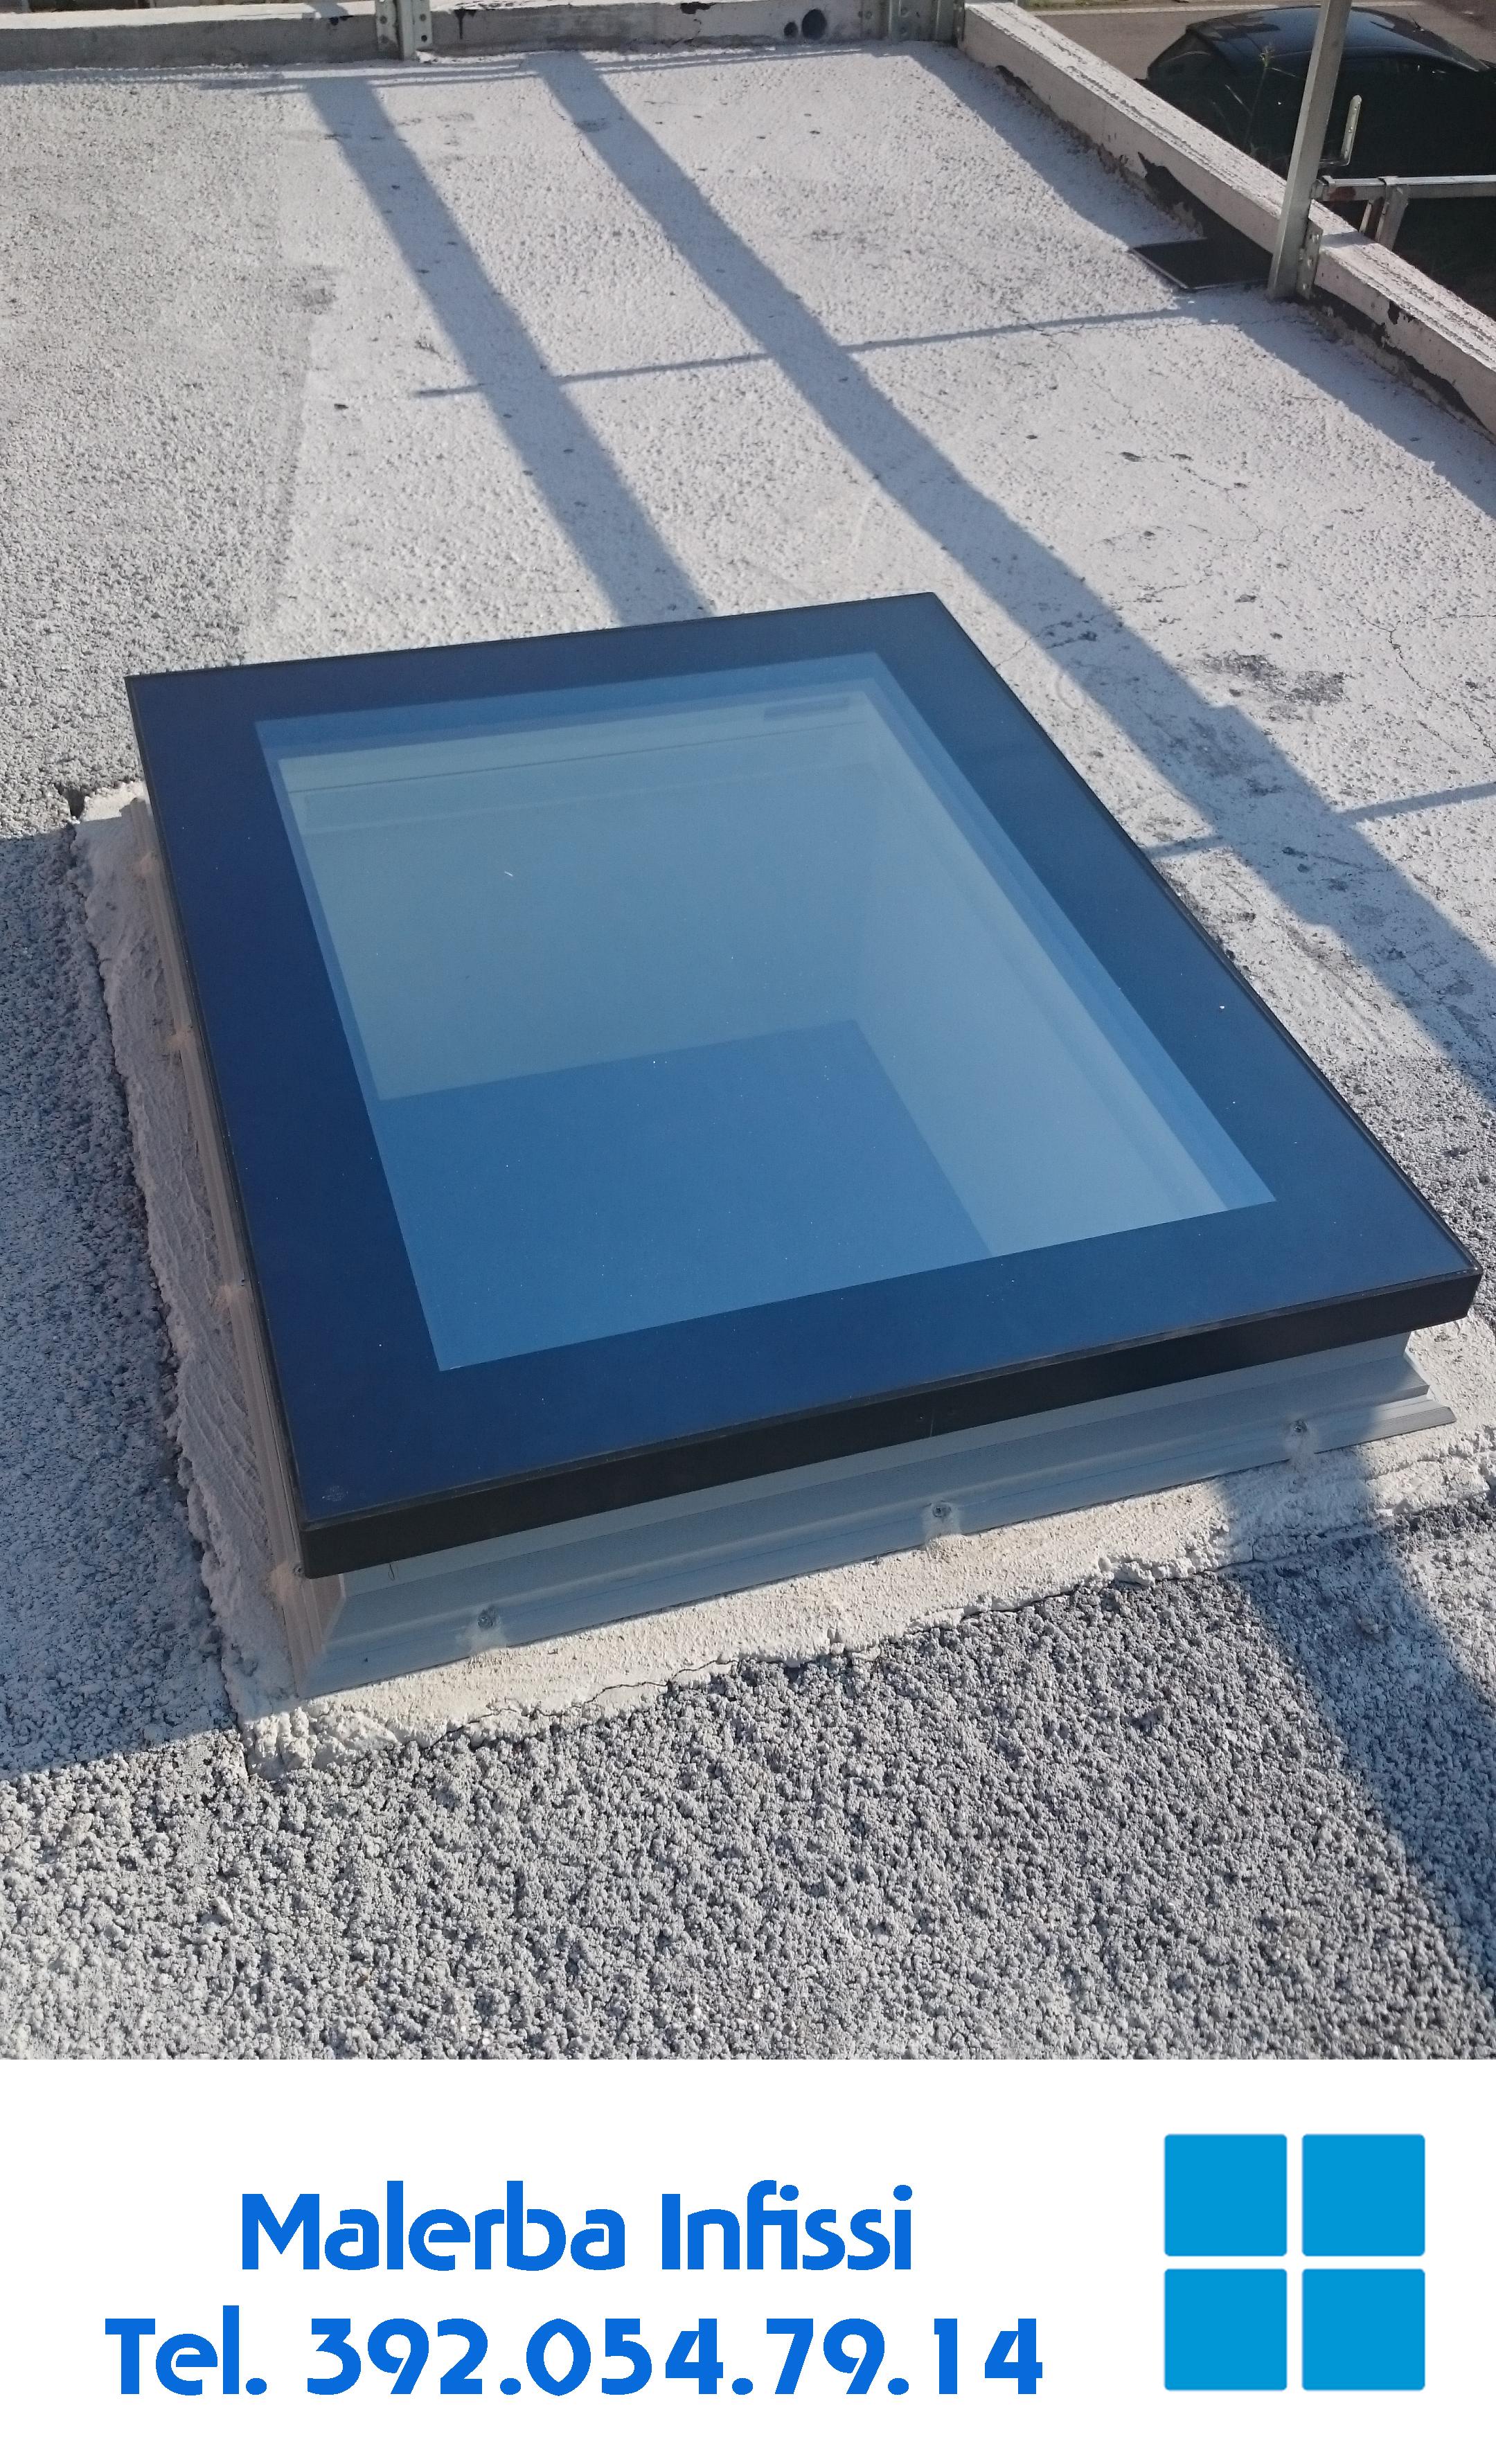 Poca luce prova una finestra sul tetto malerba infissi - Finestra sul tetto ...